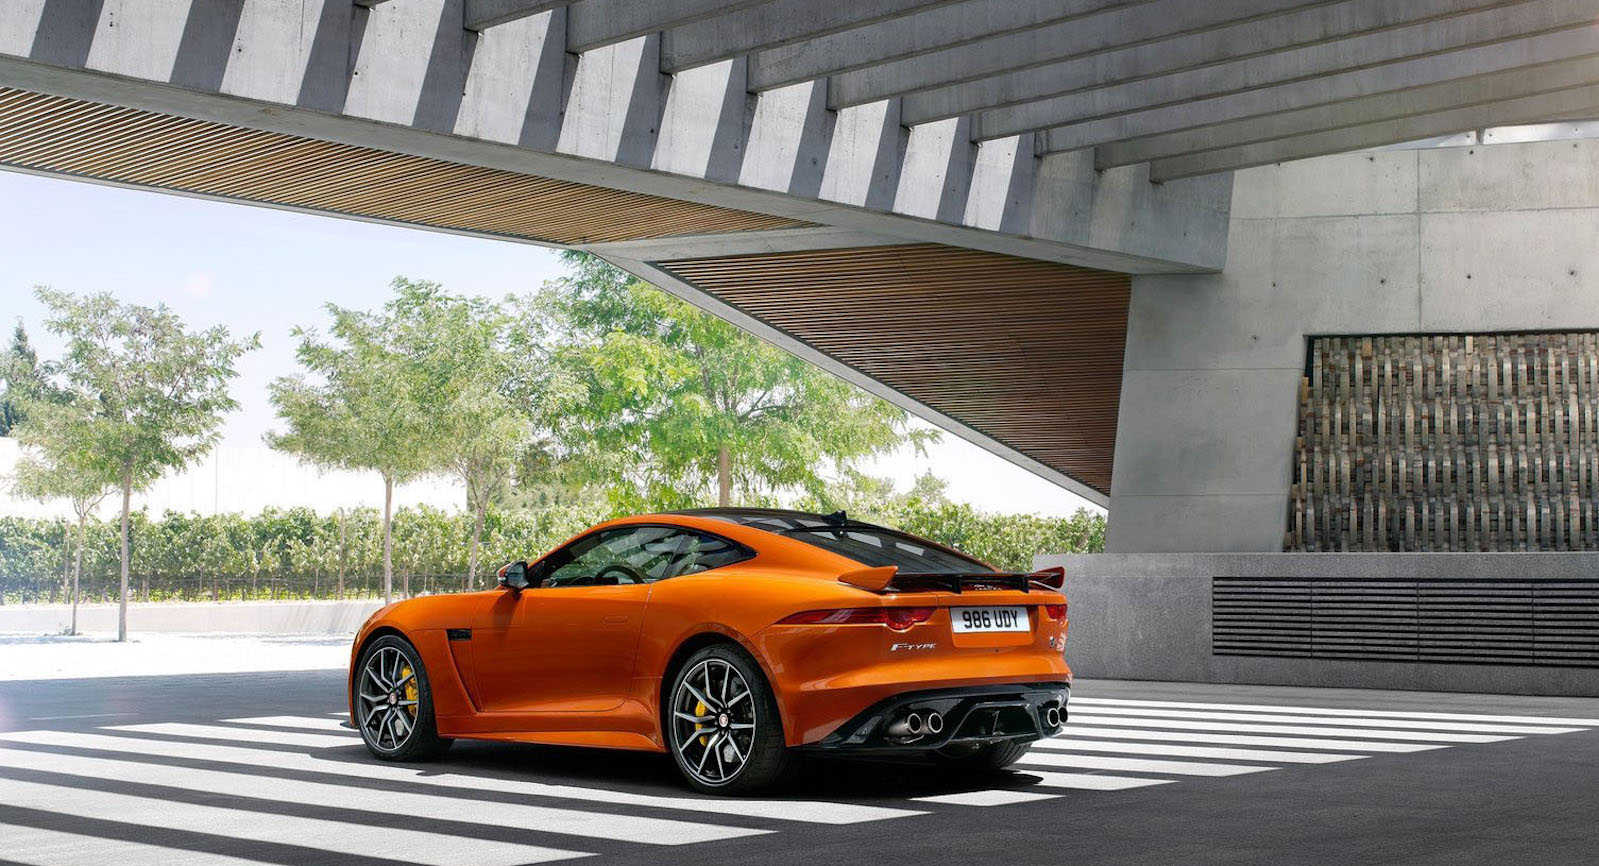 Jaguar F-Type SVR bérautó